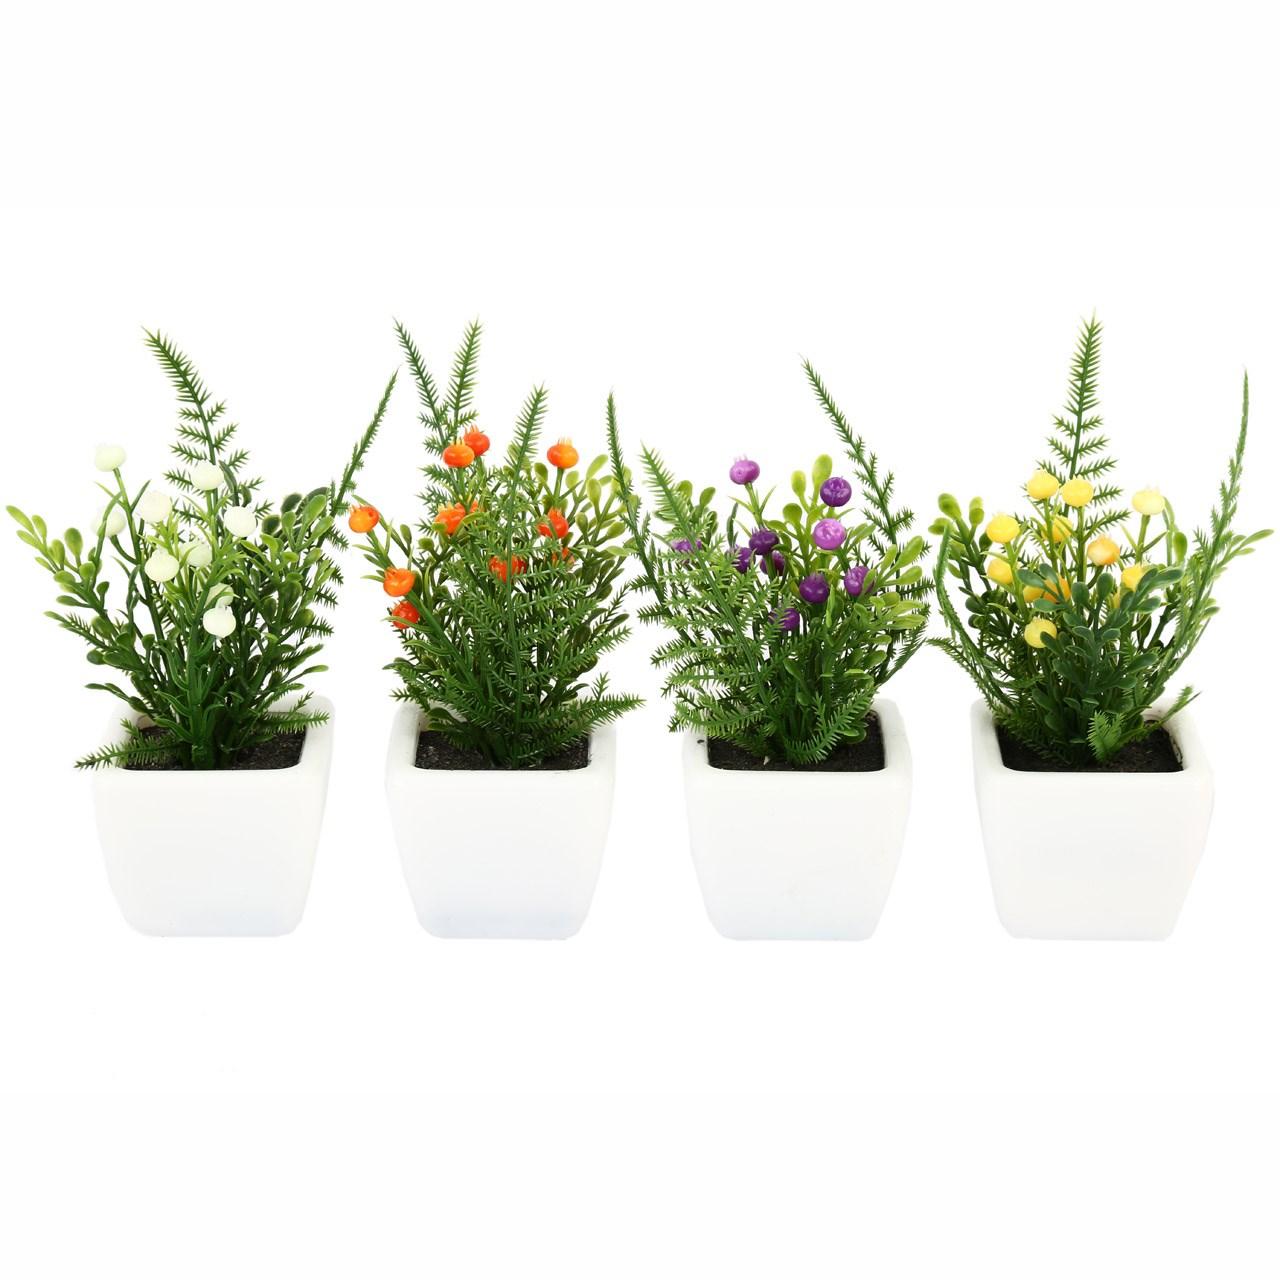 گلدان به همراه گل مصنوعی هومز طرح فلفل گرد مدل 30921 مجموعه 4 عددی